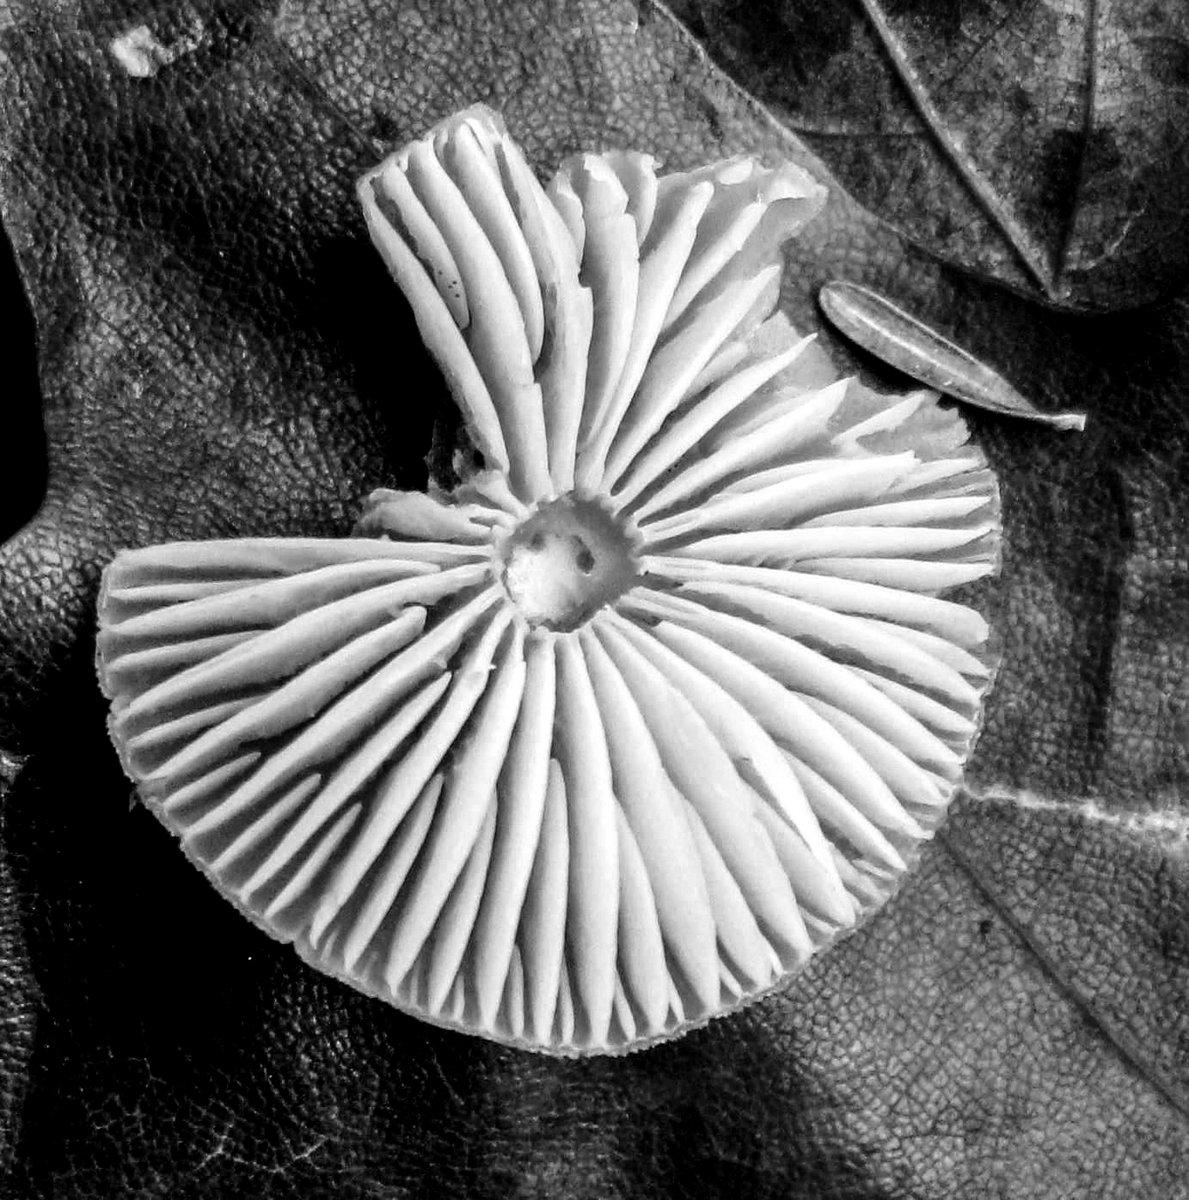 9. Mushroom Gills